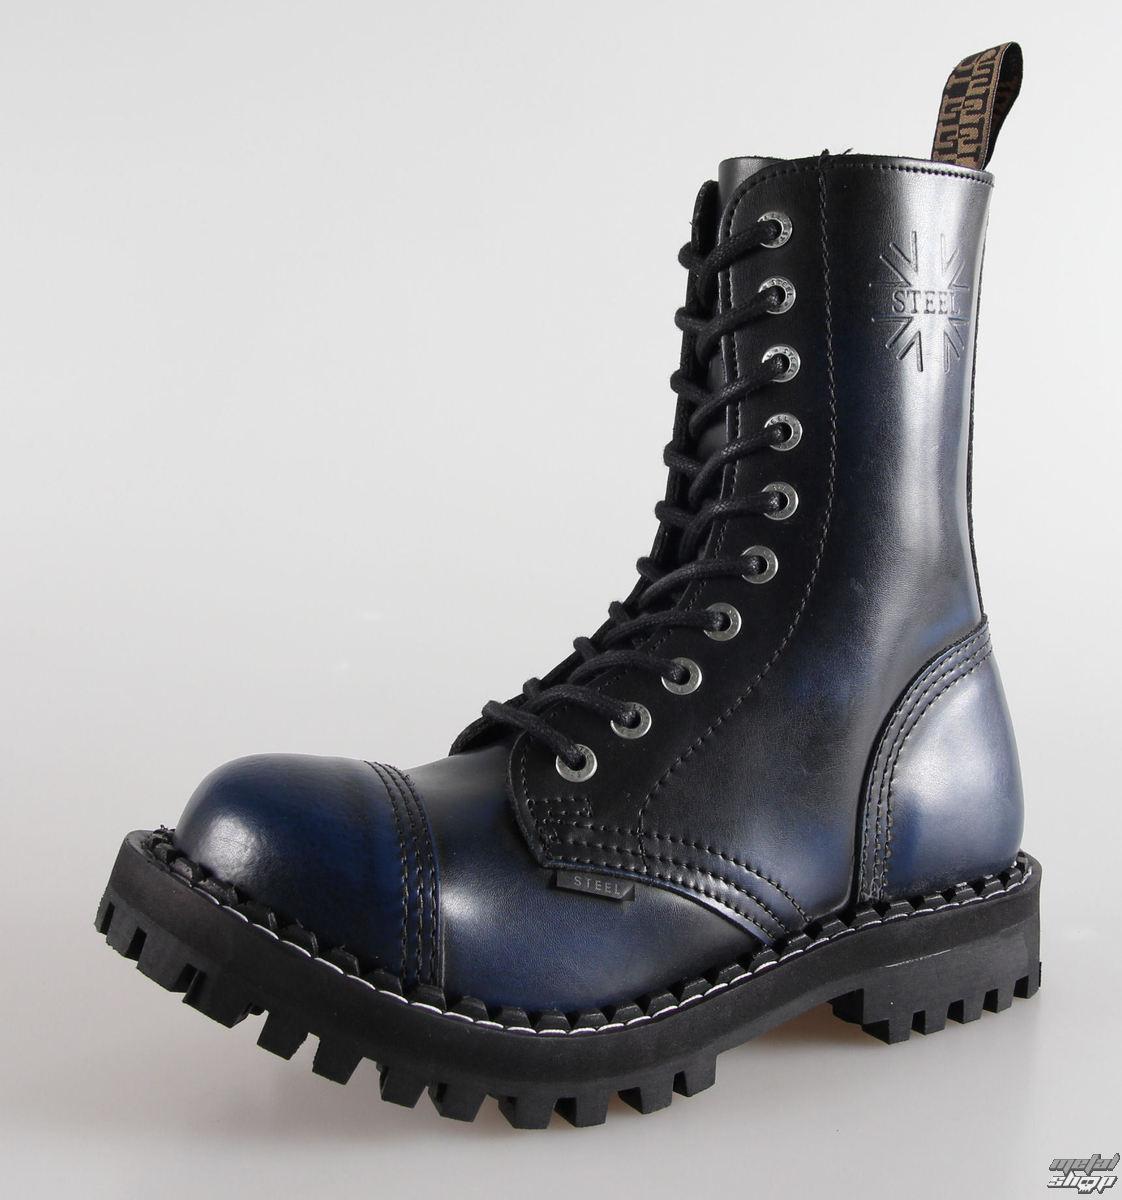 Veľký čierny topánka sex